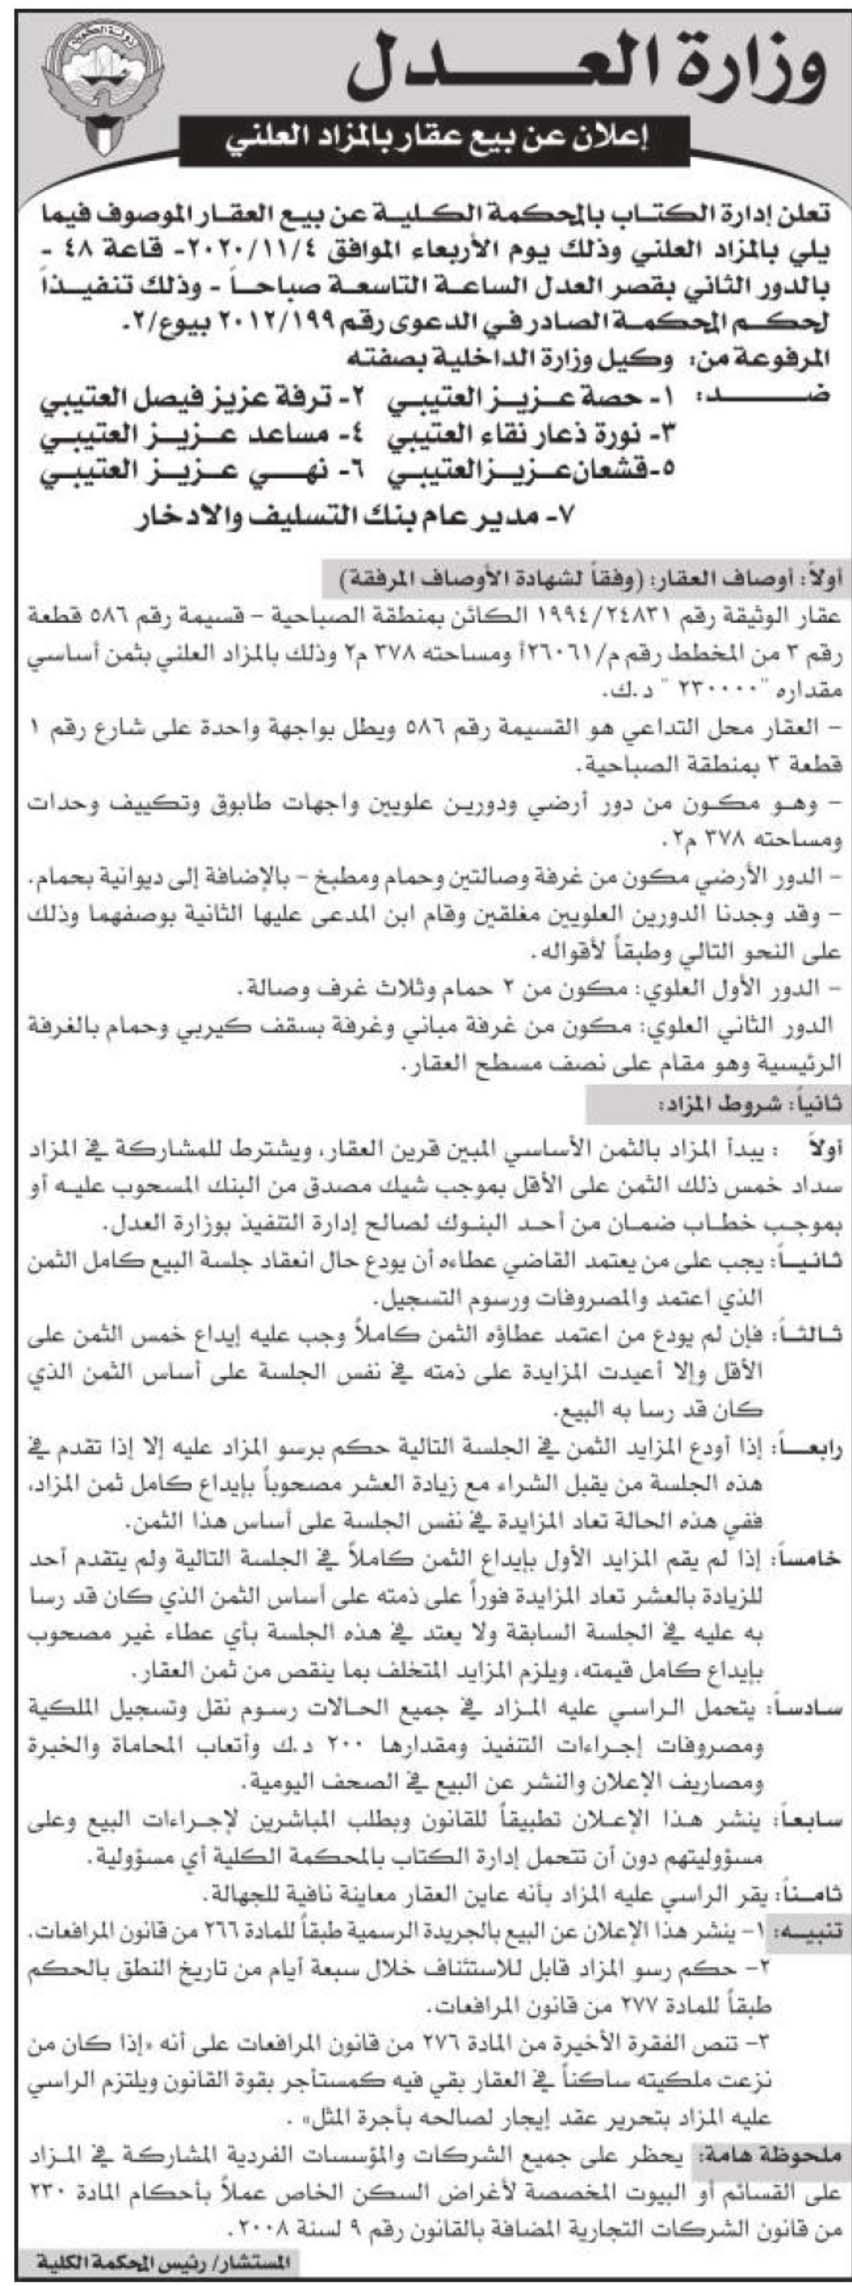 اعلانات وزارة العدل